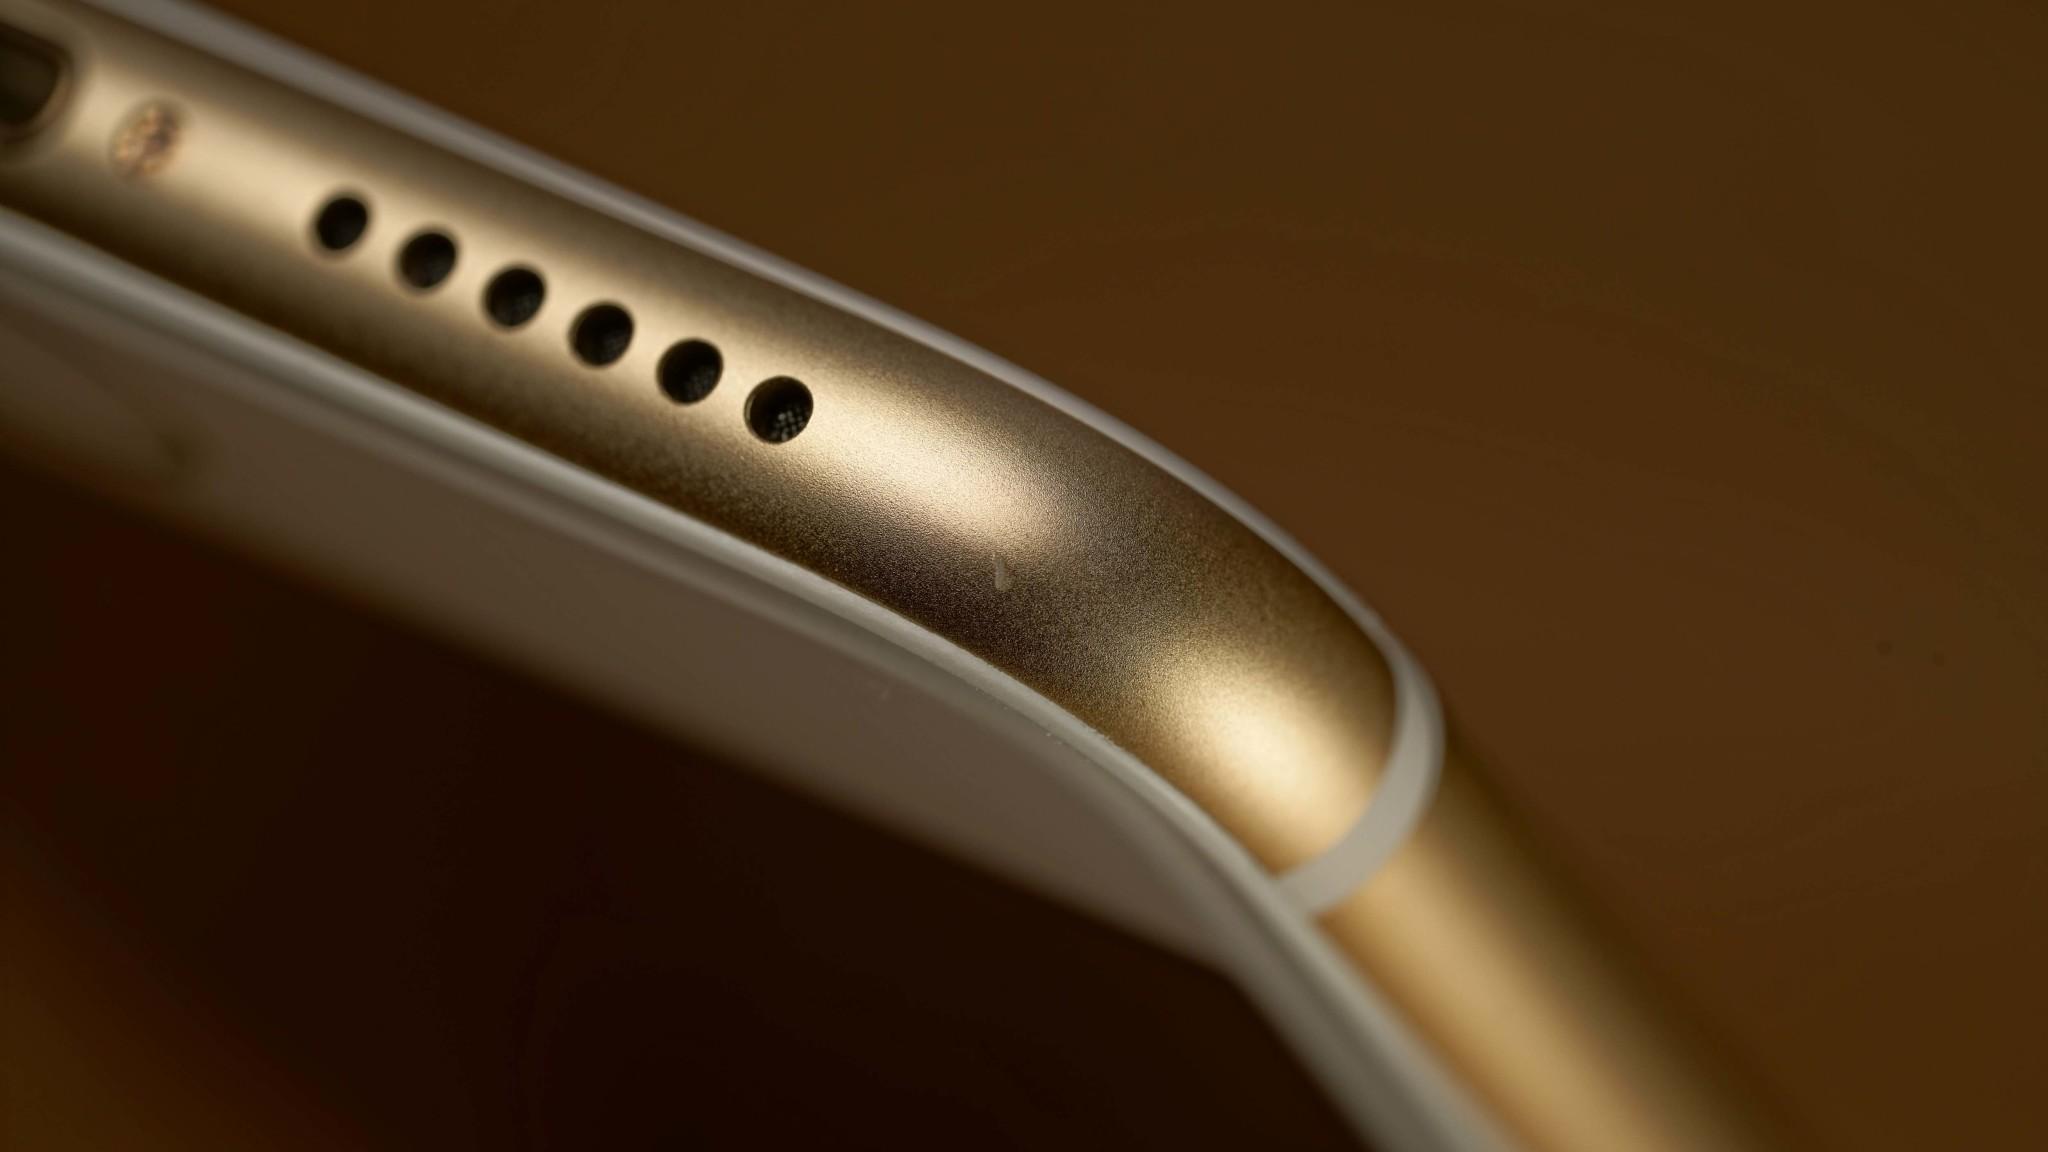 IPhone 7 Aldi Angebot Im Test PUTER BILD